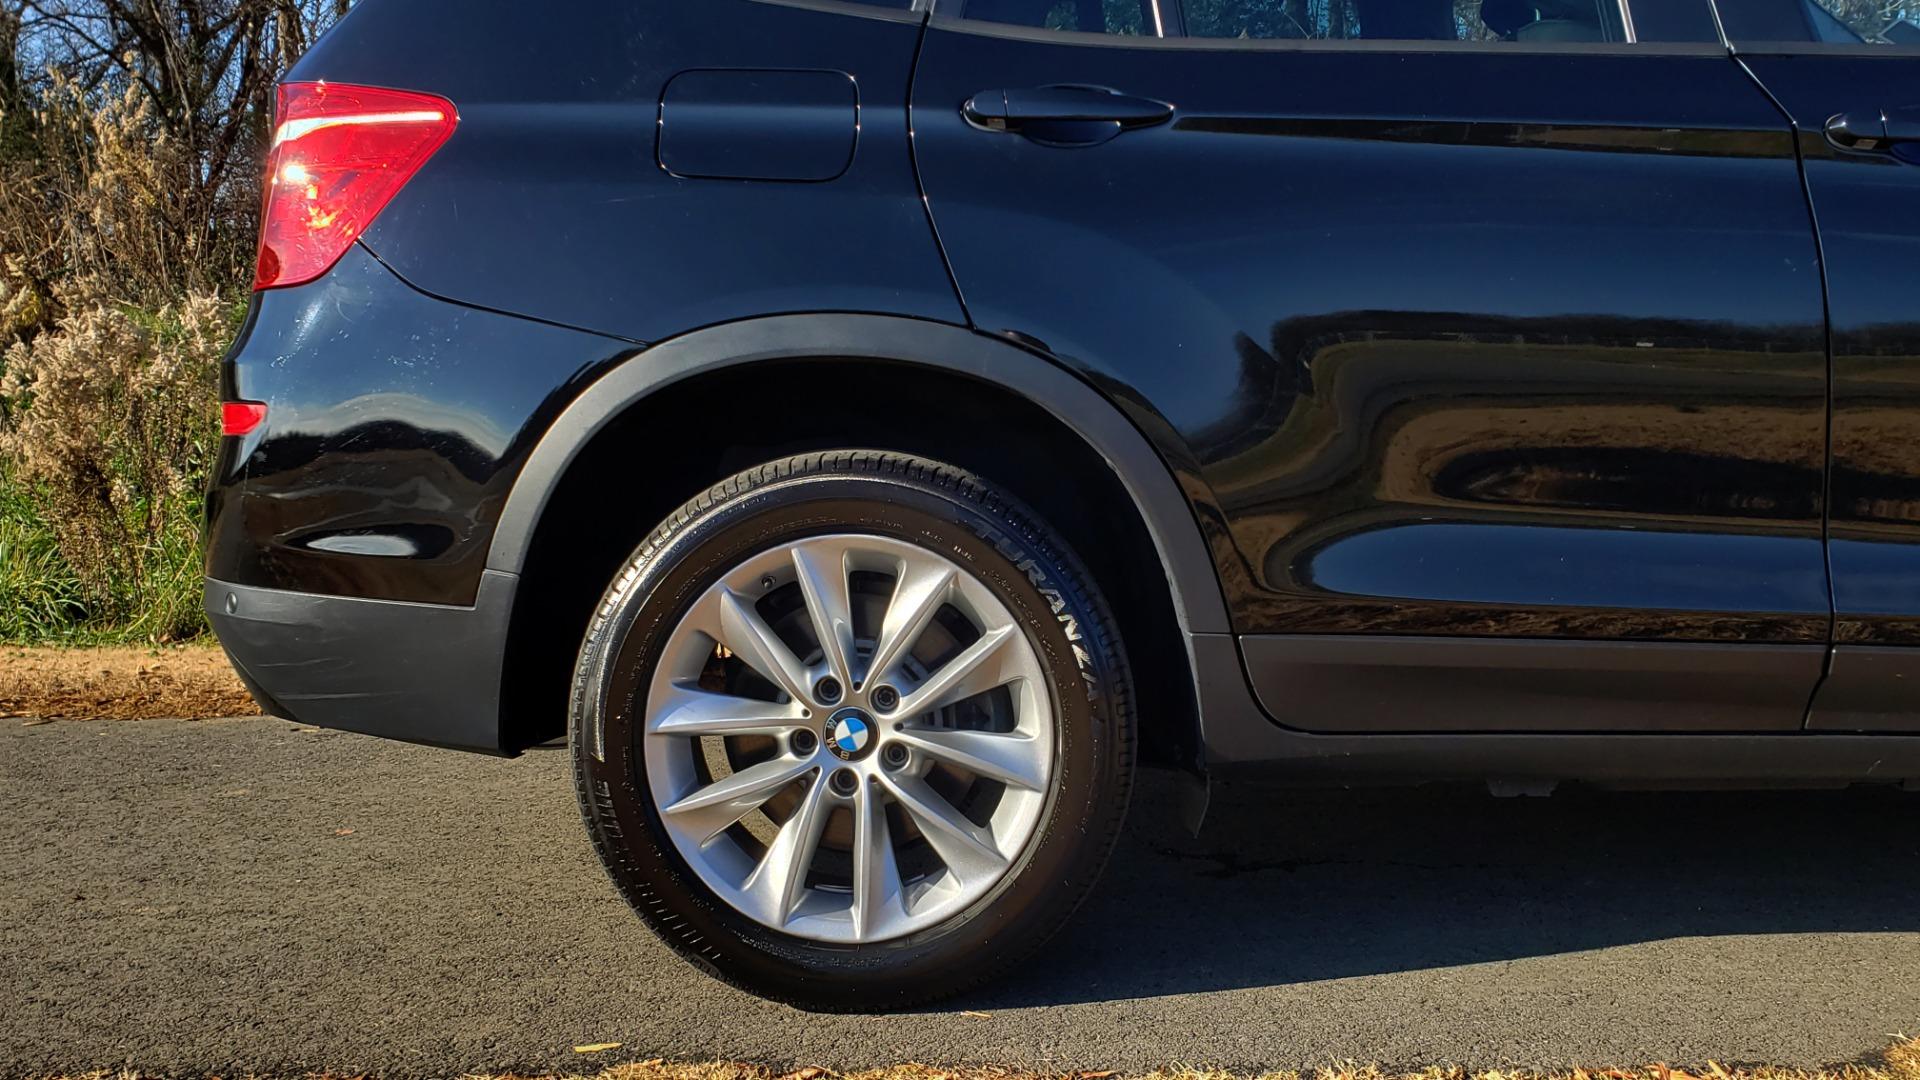 Used 2017 BMW X3 XDRIVE28I / PREM PKG / NAV / DRVR ASST / HTD STS / CAMERAS for sale Sold at Formula Imports in Charlotte NC 28227 92